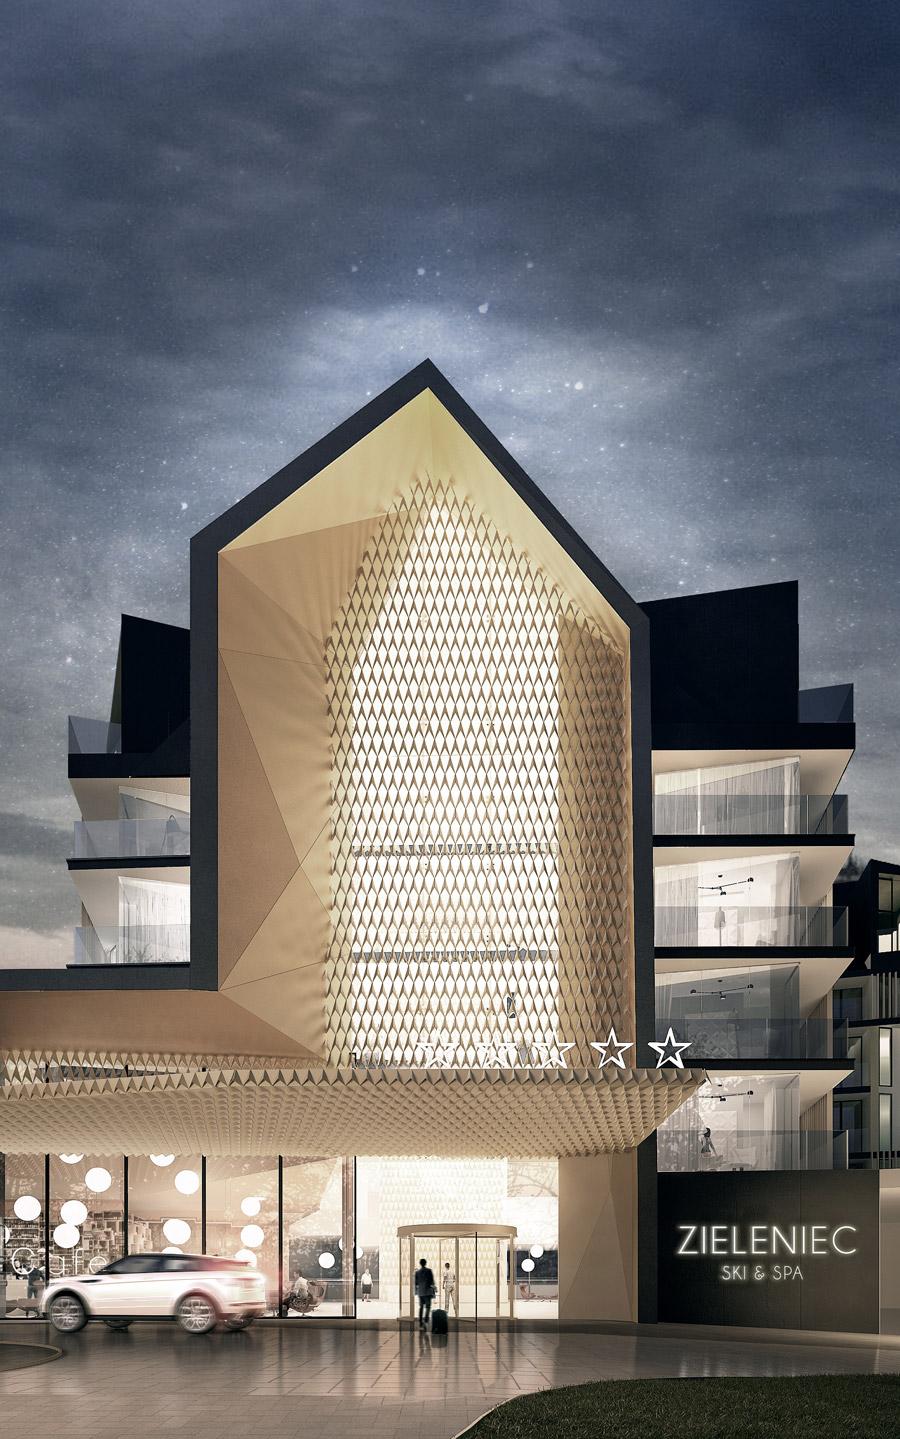 Hotel INFINITY w Zieleńcu. Projekt architektoniczny:Q2Studio